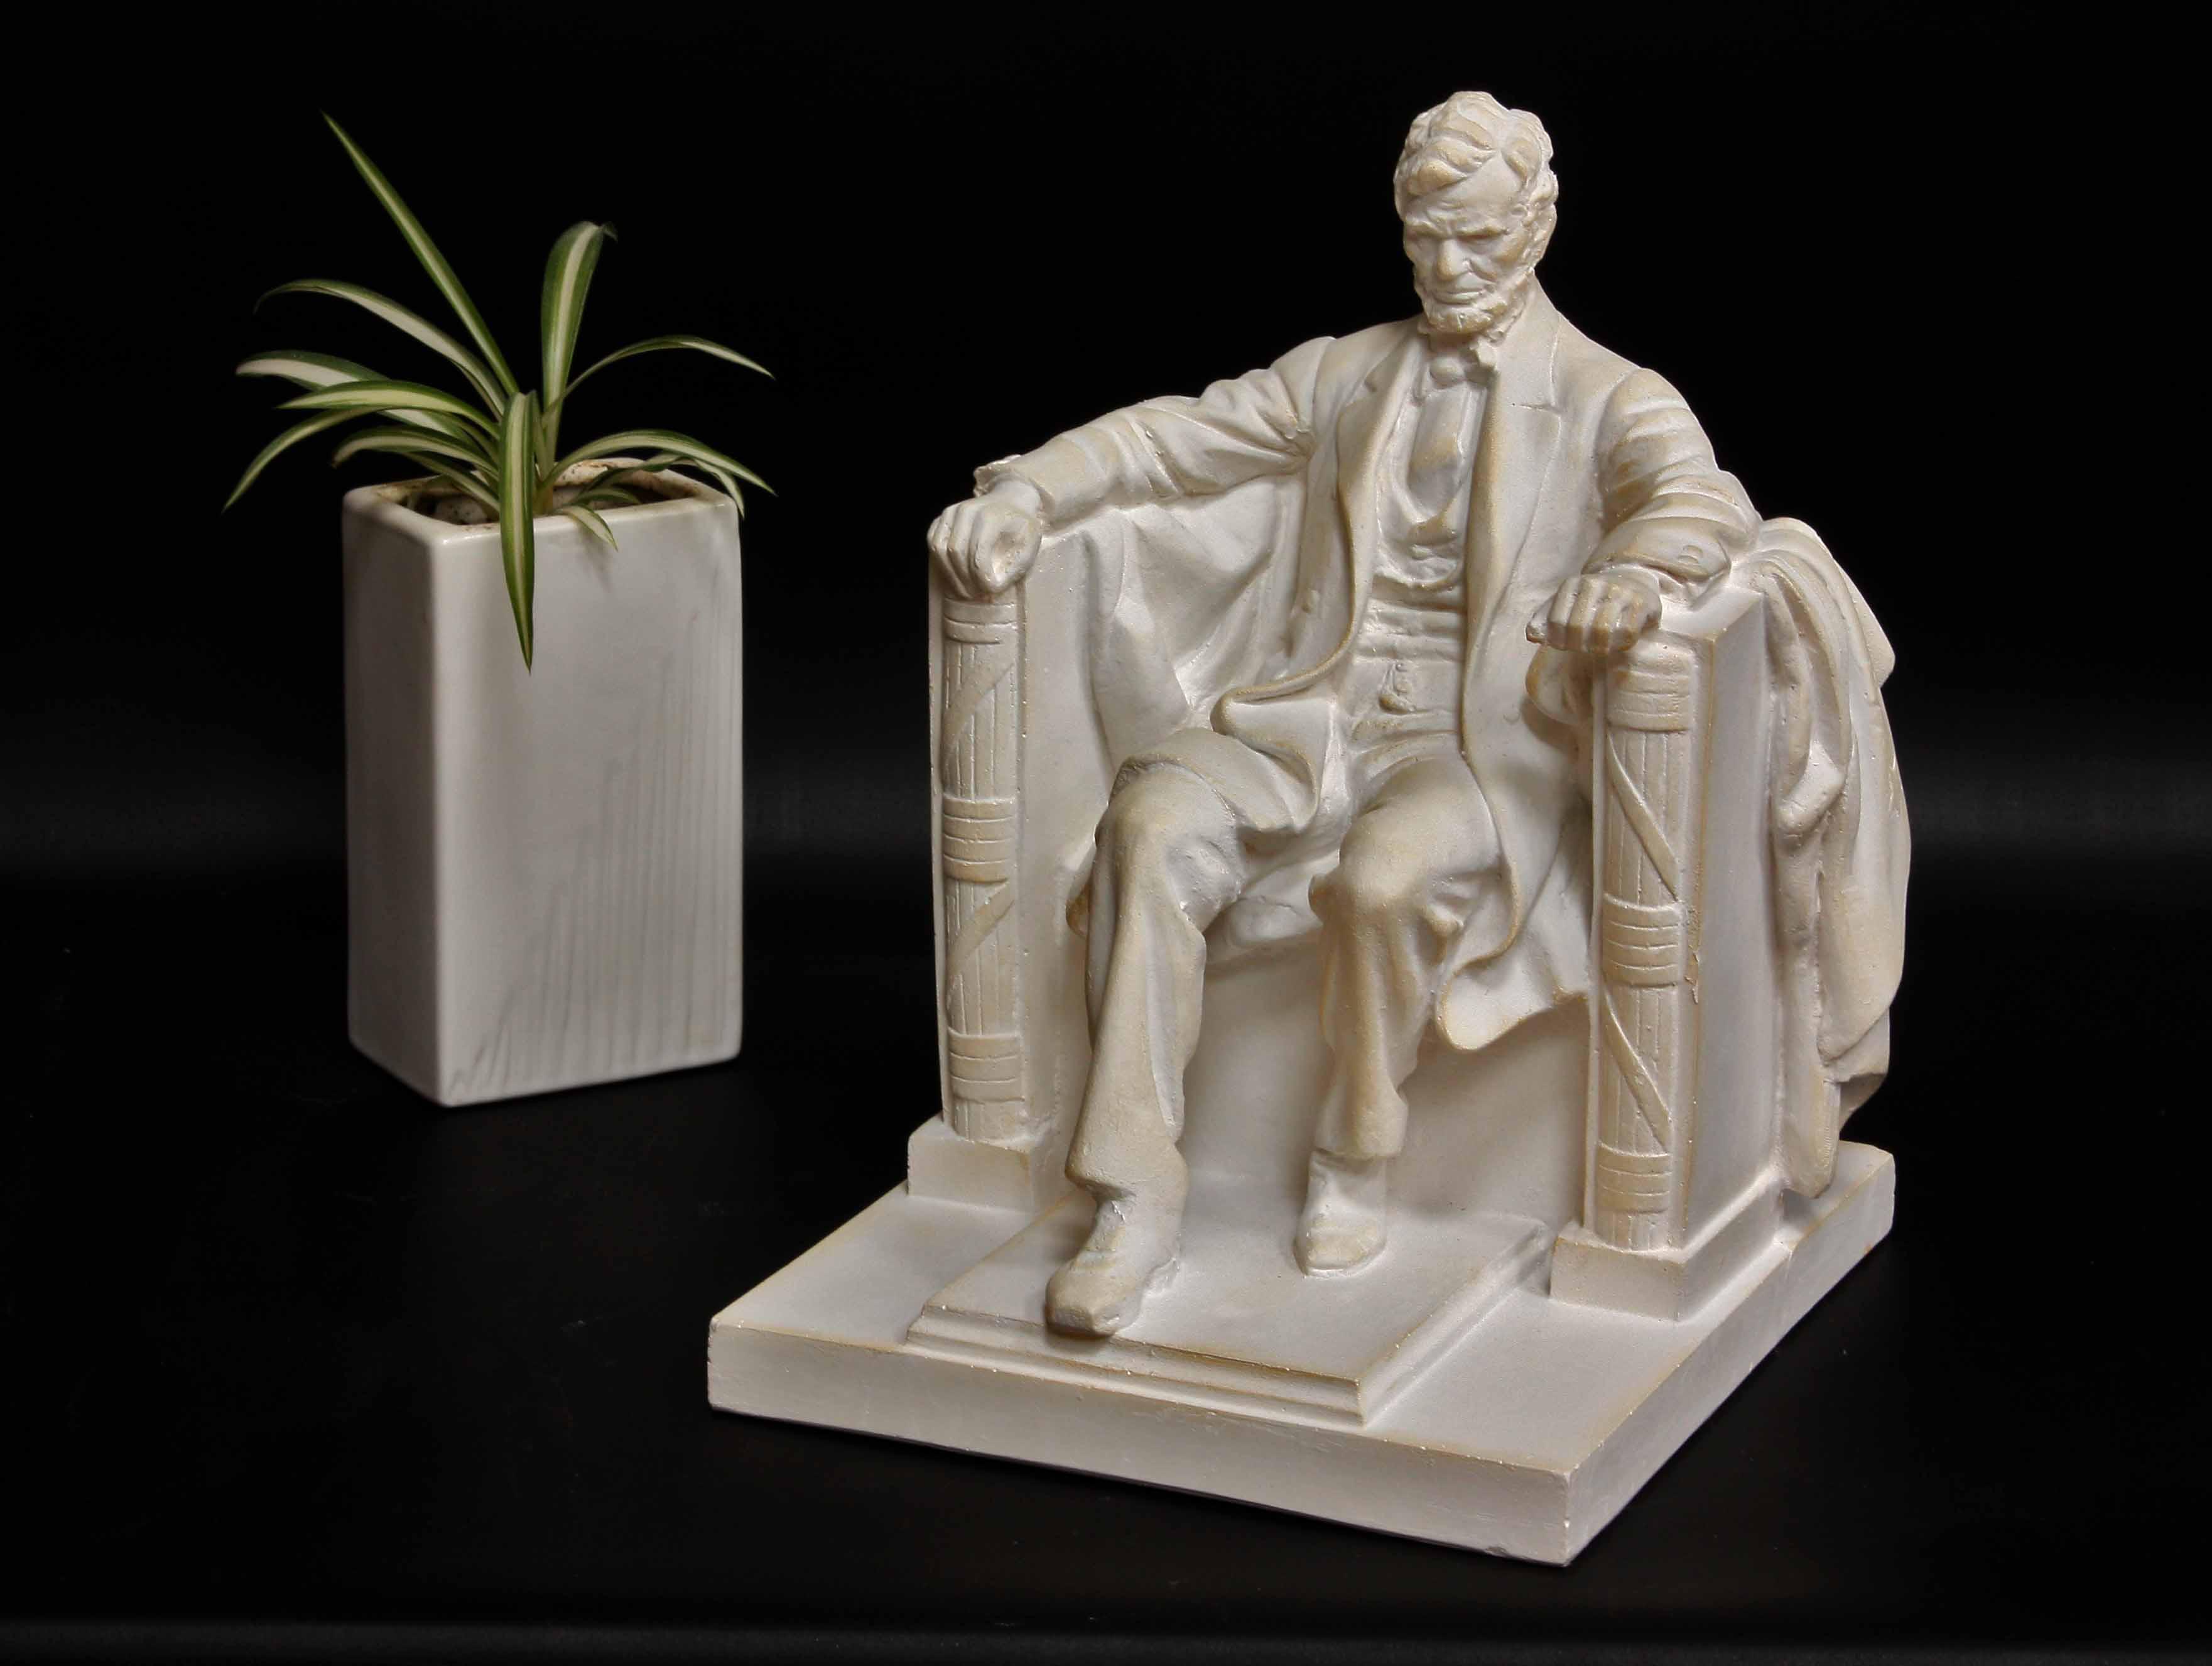 Sculpture Enlargement & Reduction